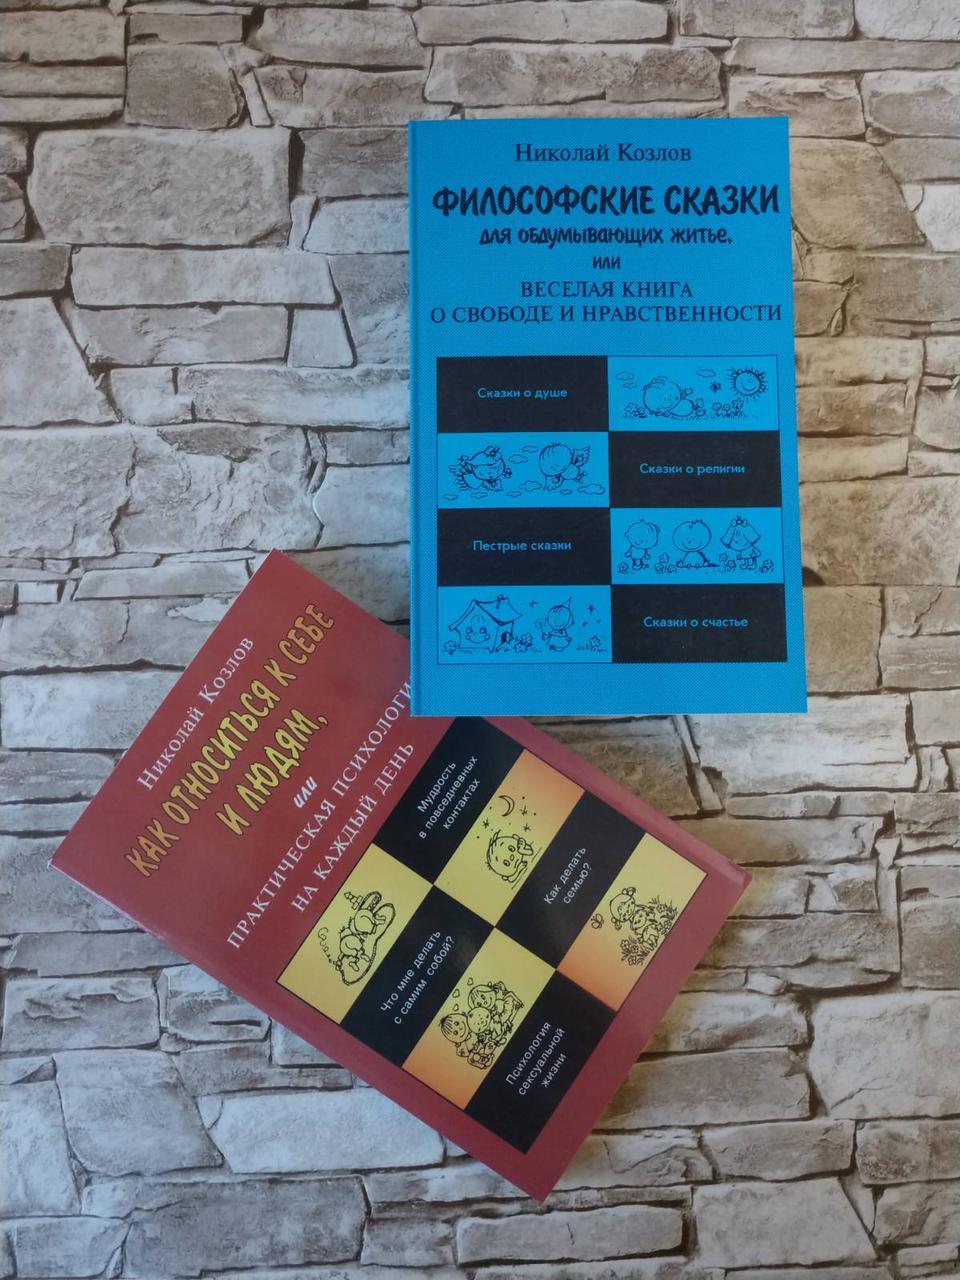 """Набір книг """"Як ставитися до себе і до людей"""", """"Філософські казки"""" Н. Козлов"""